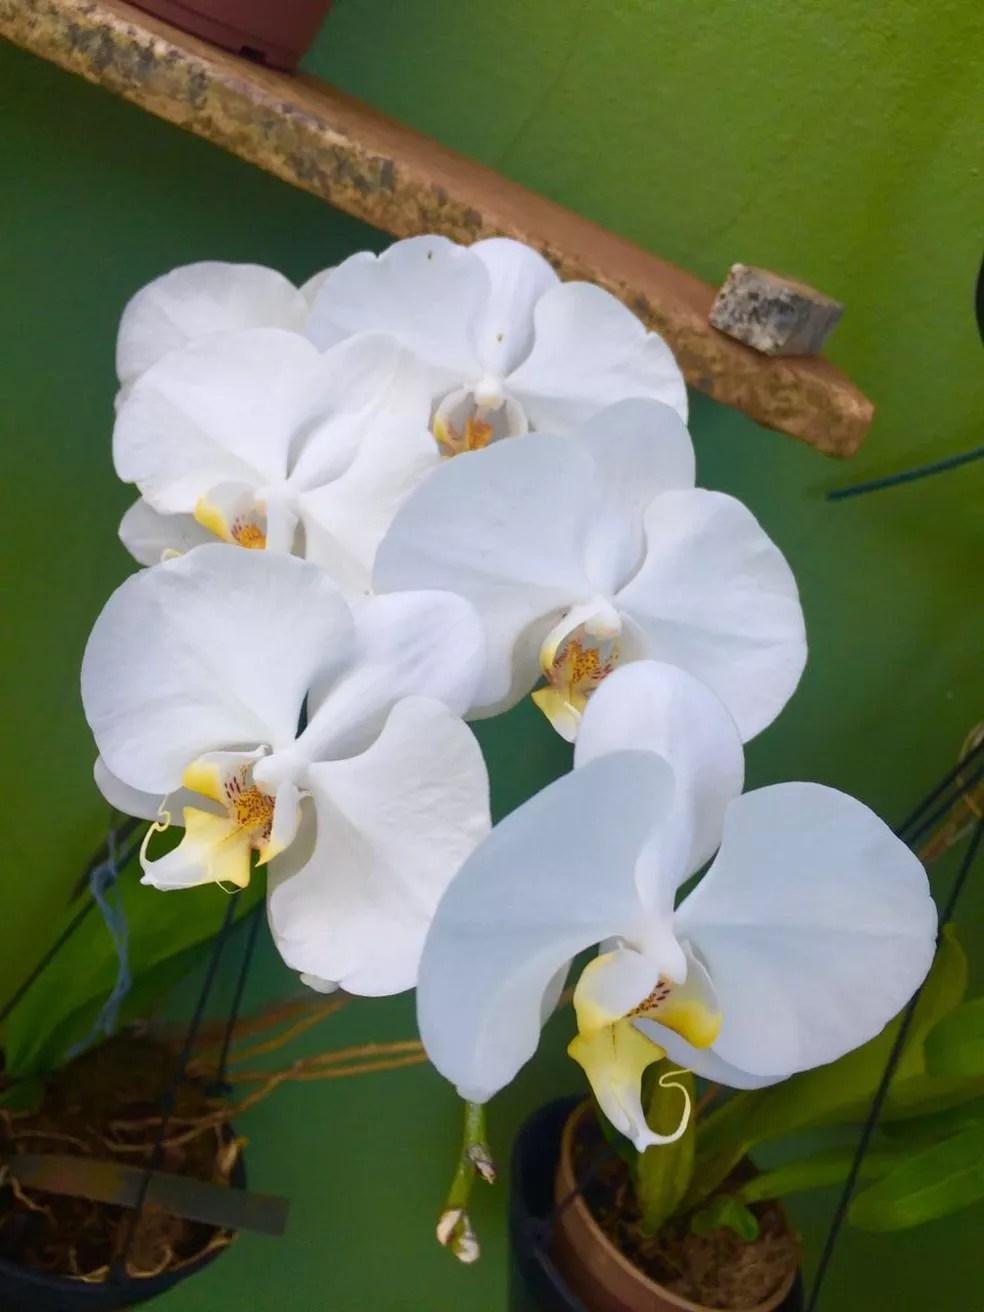 Maria Nunes dos Reis, do Bairro Jardim Patricia, em Uberlândia enviou fotos das flores da casa dela. (Foto: Maria Nunes dos Reis/Arquivo Pessoal)